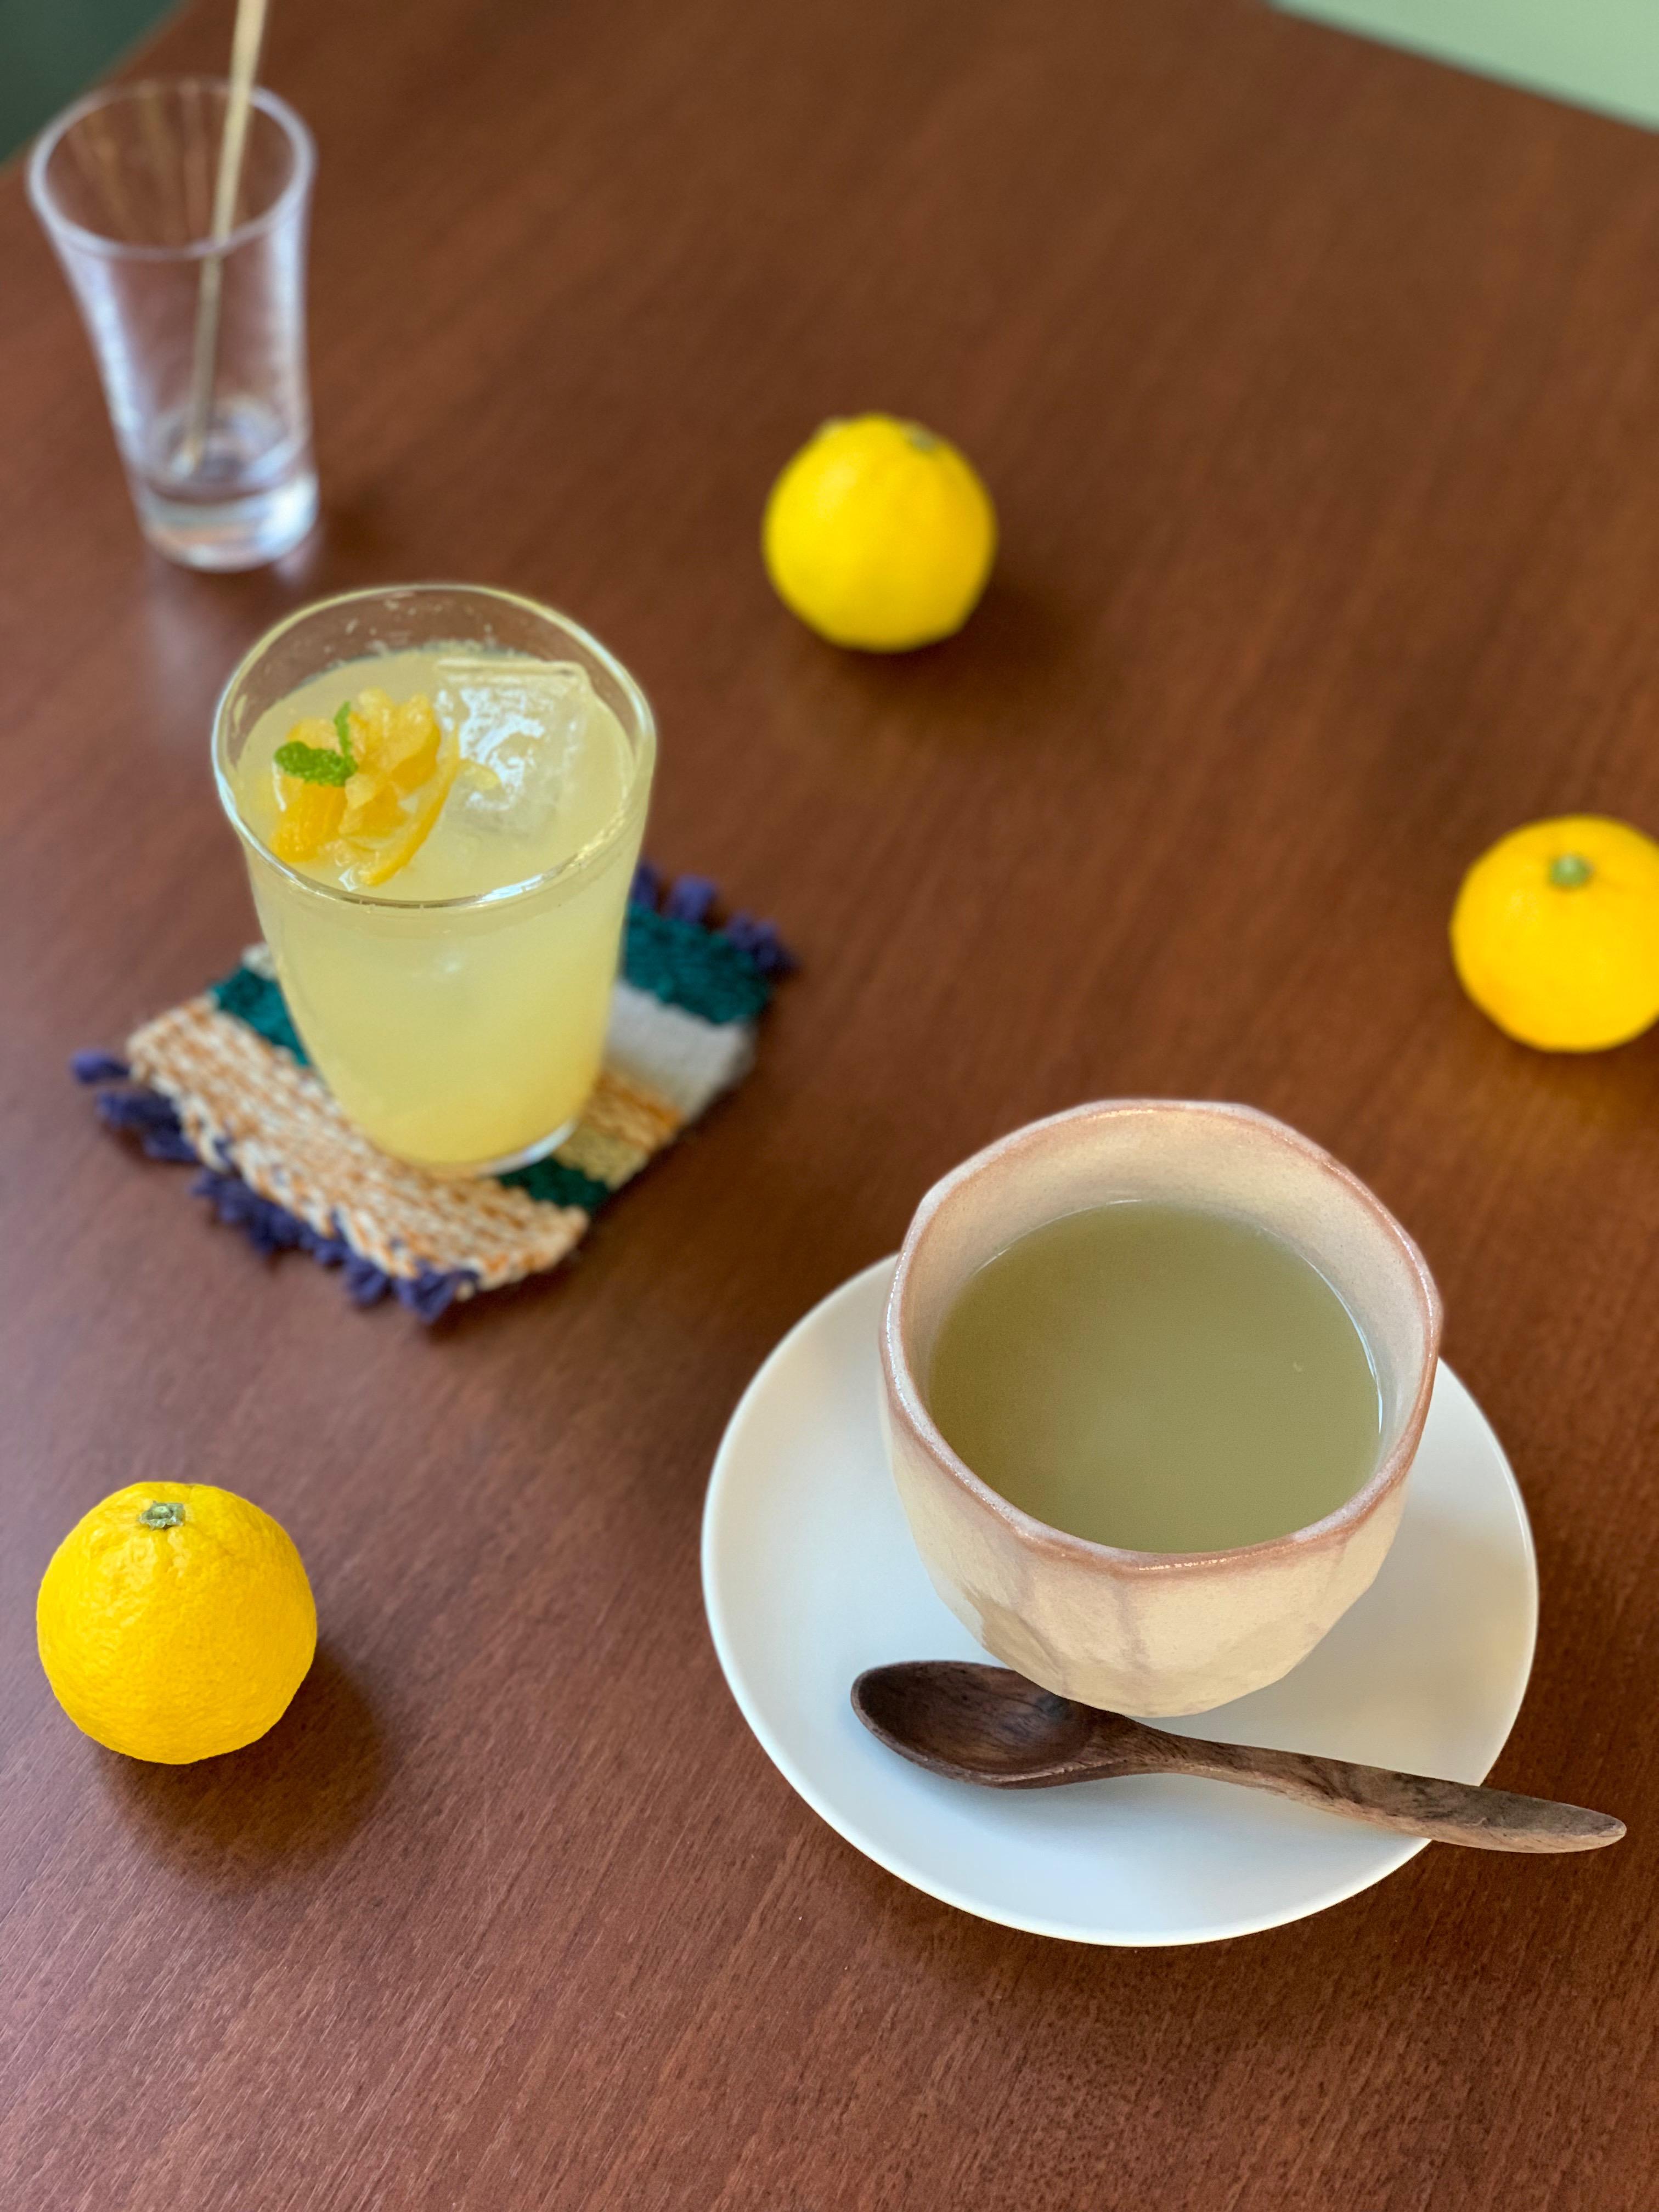 ほんだ自然農園さんの柚子と健一自然農園のほうじ茶オレ:ドリンク新メニュー2019年冬